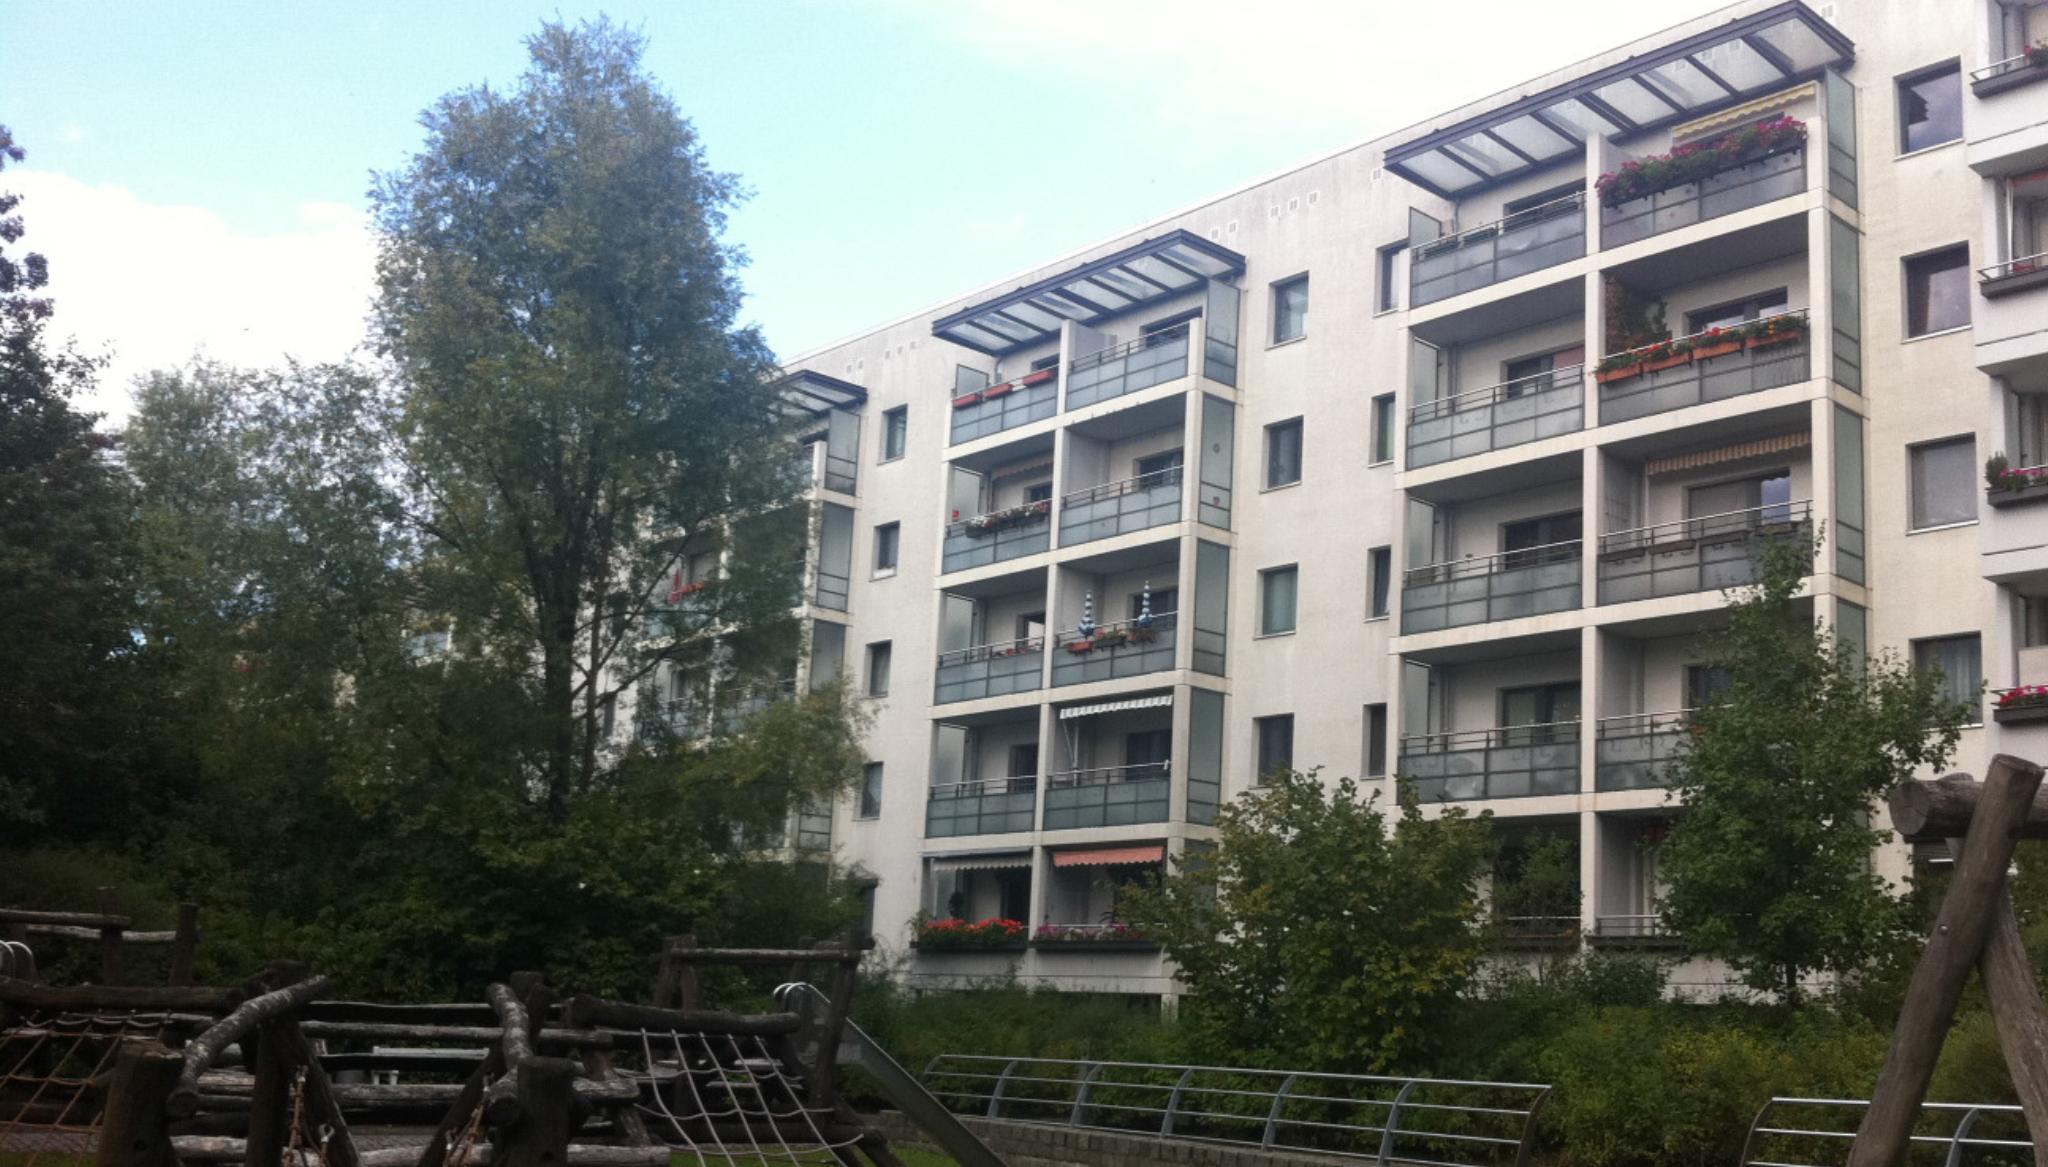 [AUCH FÜR KLEINE  BONITÄTEN] Schnelle Finanzierung für unsere Kapitalanlageimmobilie in Berlin!